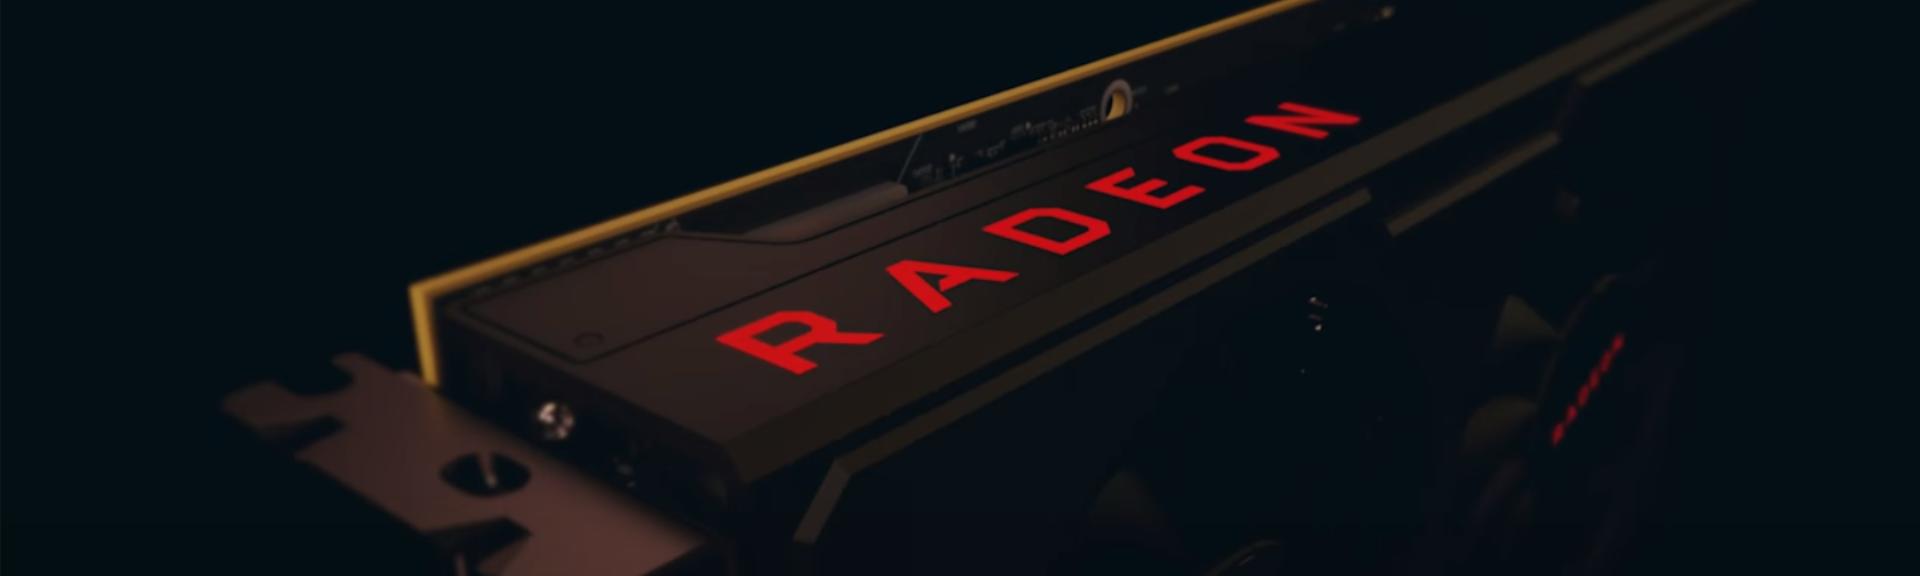 Placa de vídeo RX 580 é boa? Veja a análise da GPU da AMD